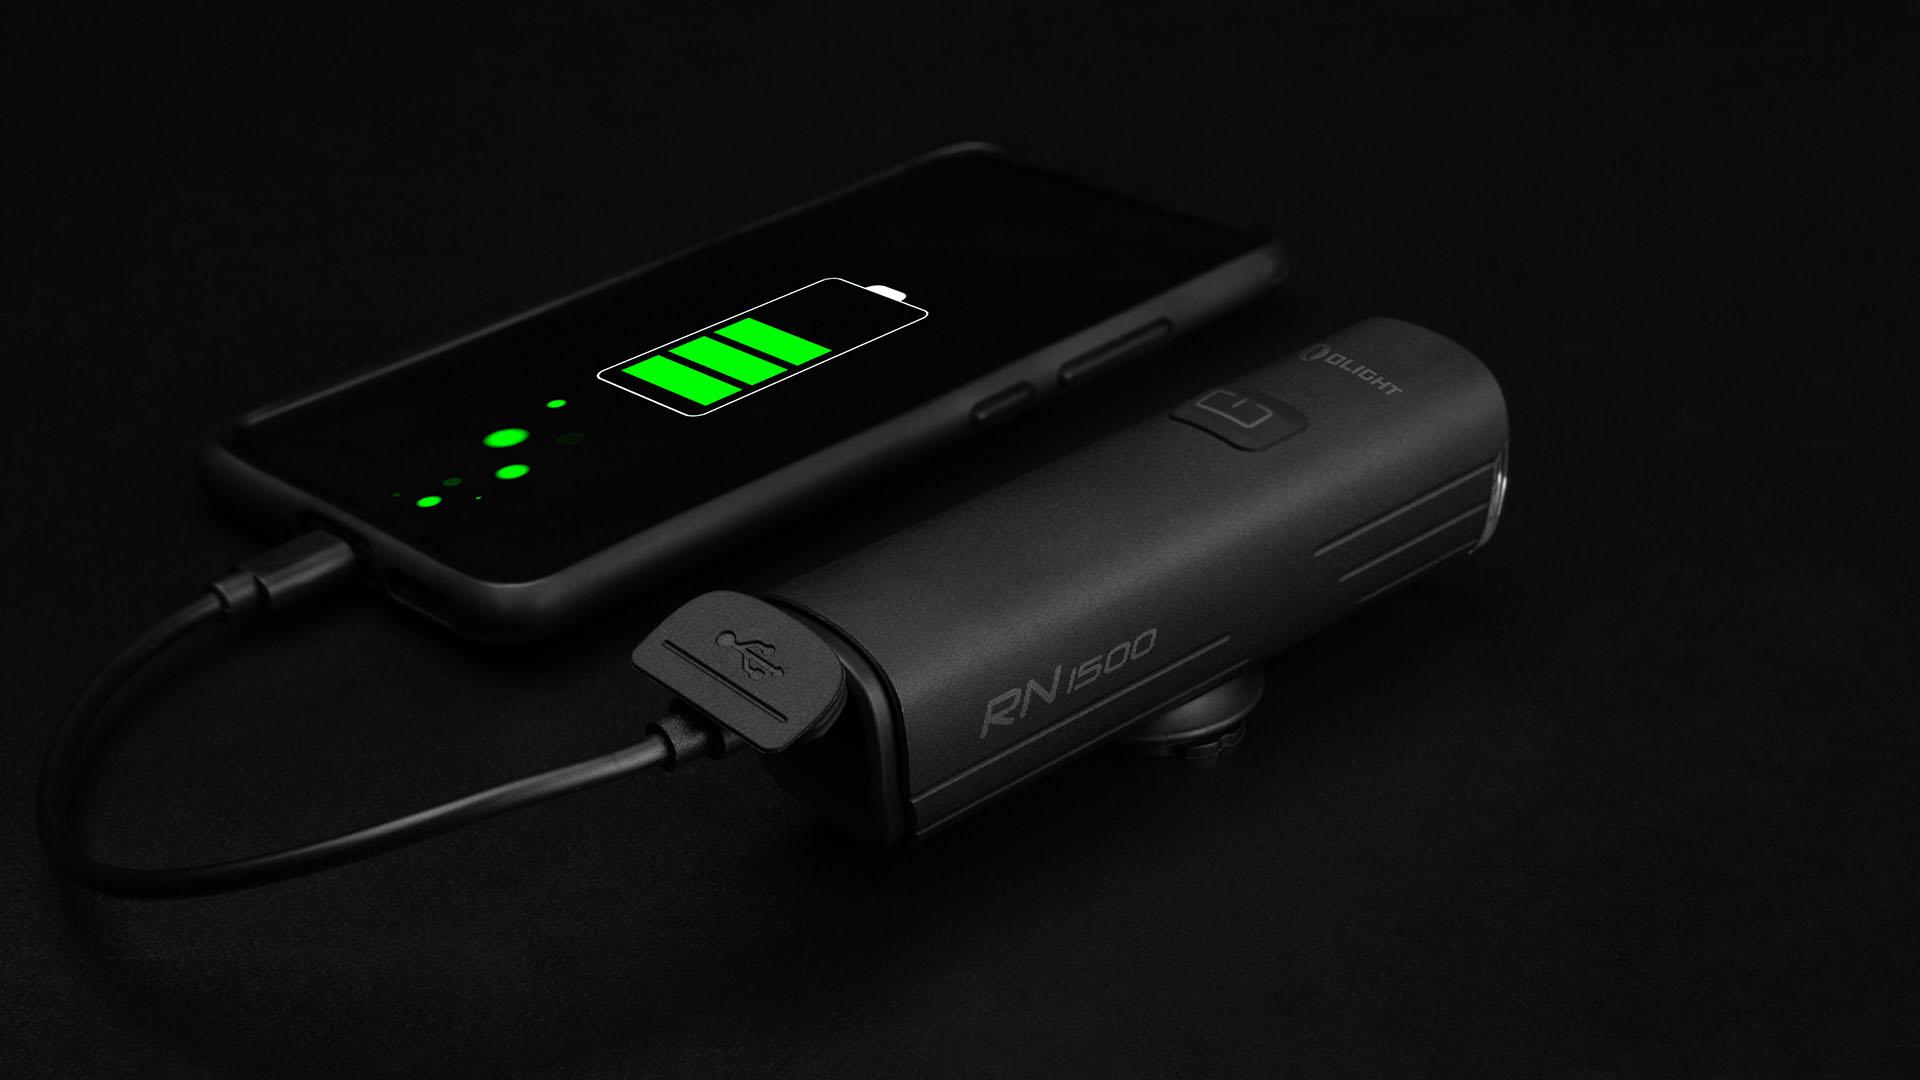 Der USB-C Anschluss der RN 1500